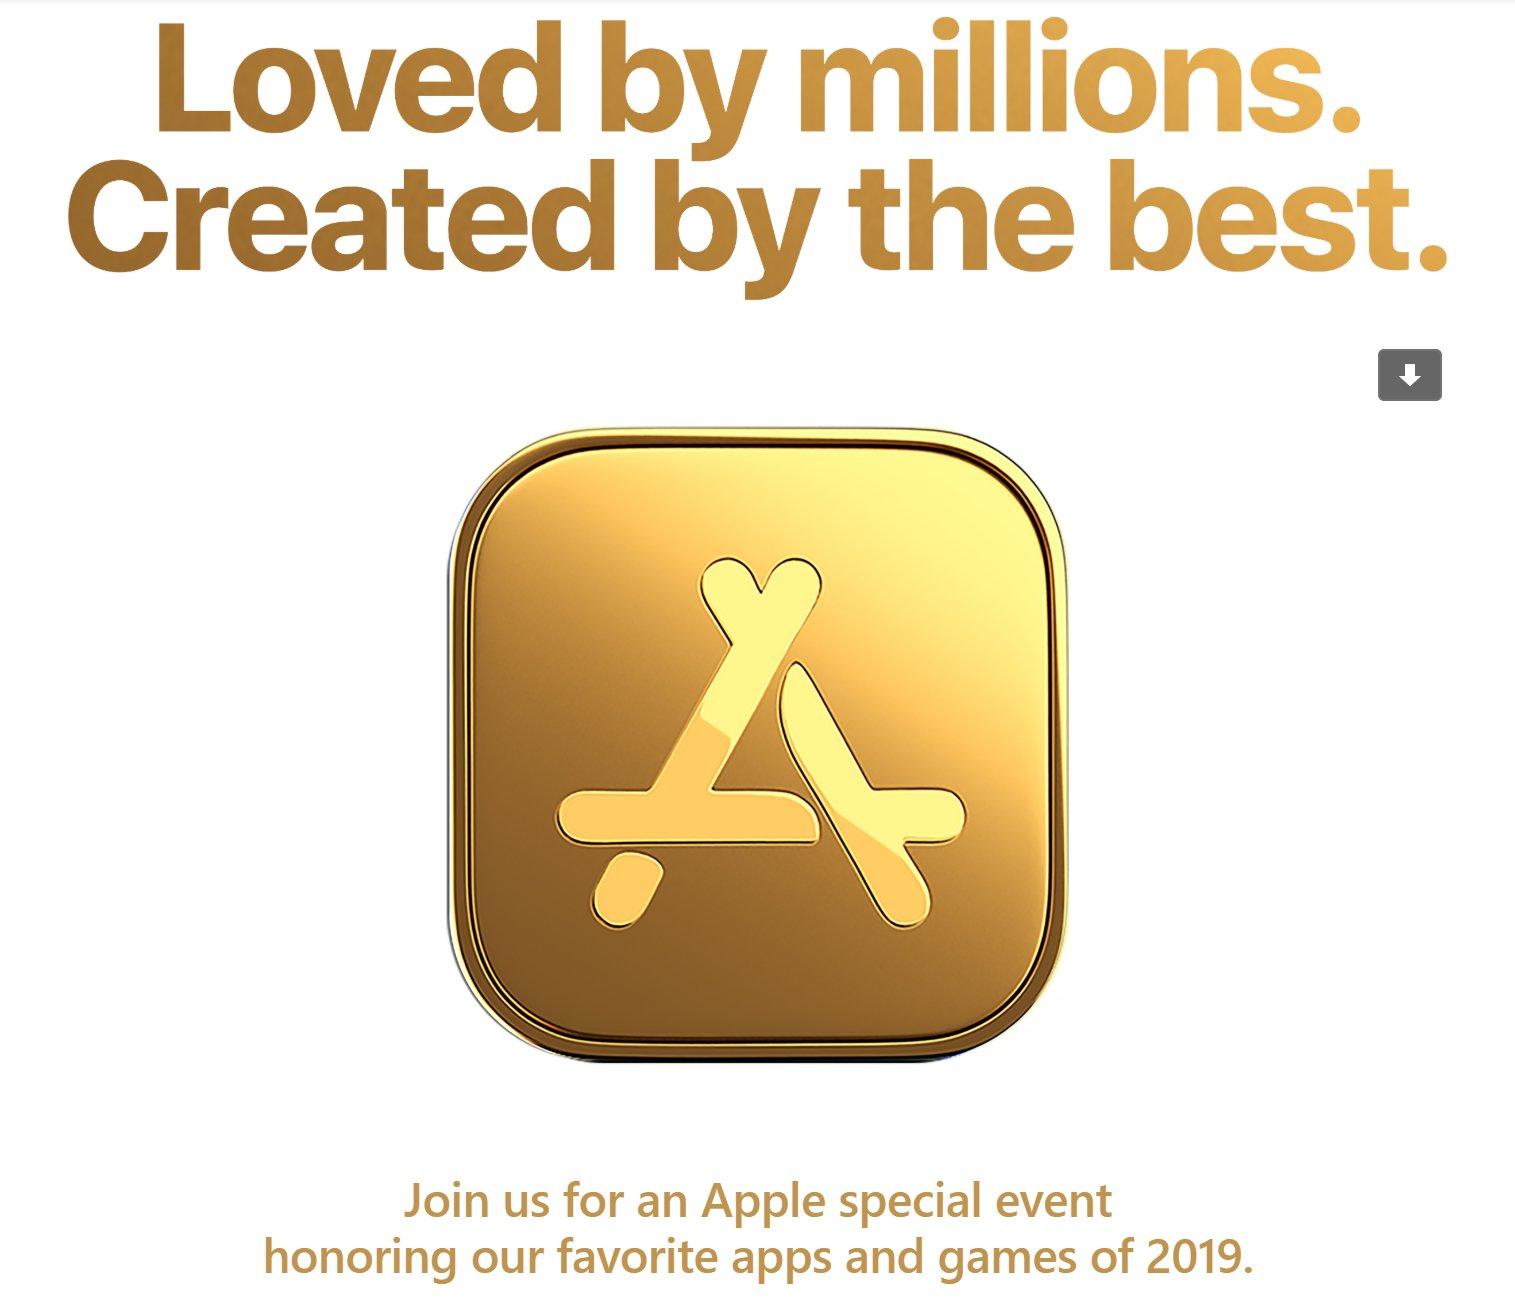 Evento de Apple en Nueva York, para presentar mejores Apps del 2019